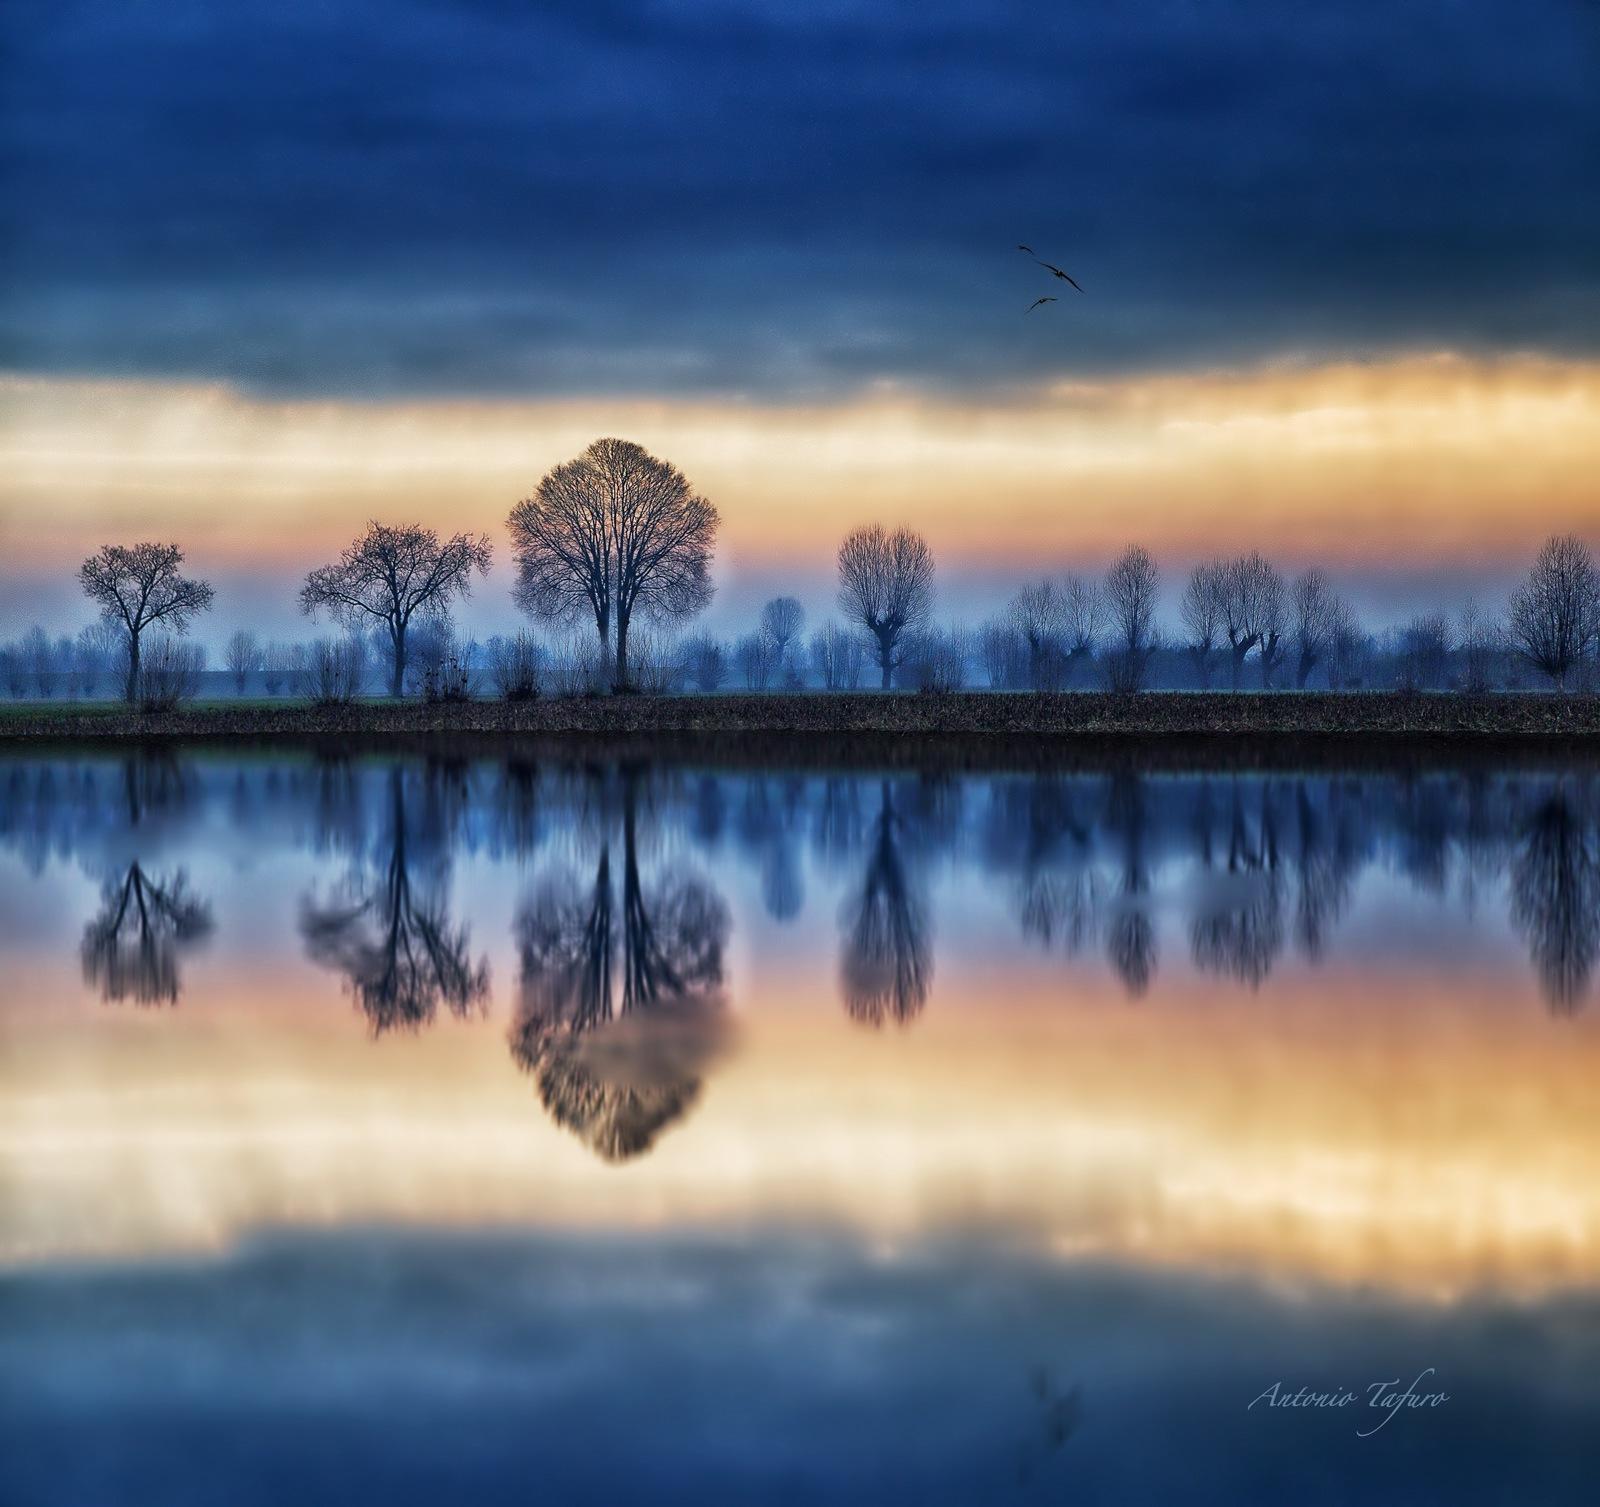 hues of a sunrise by Antonio Tafuro